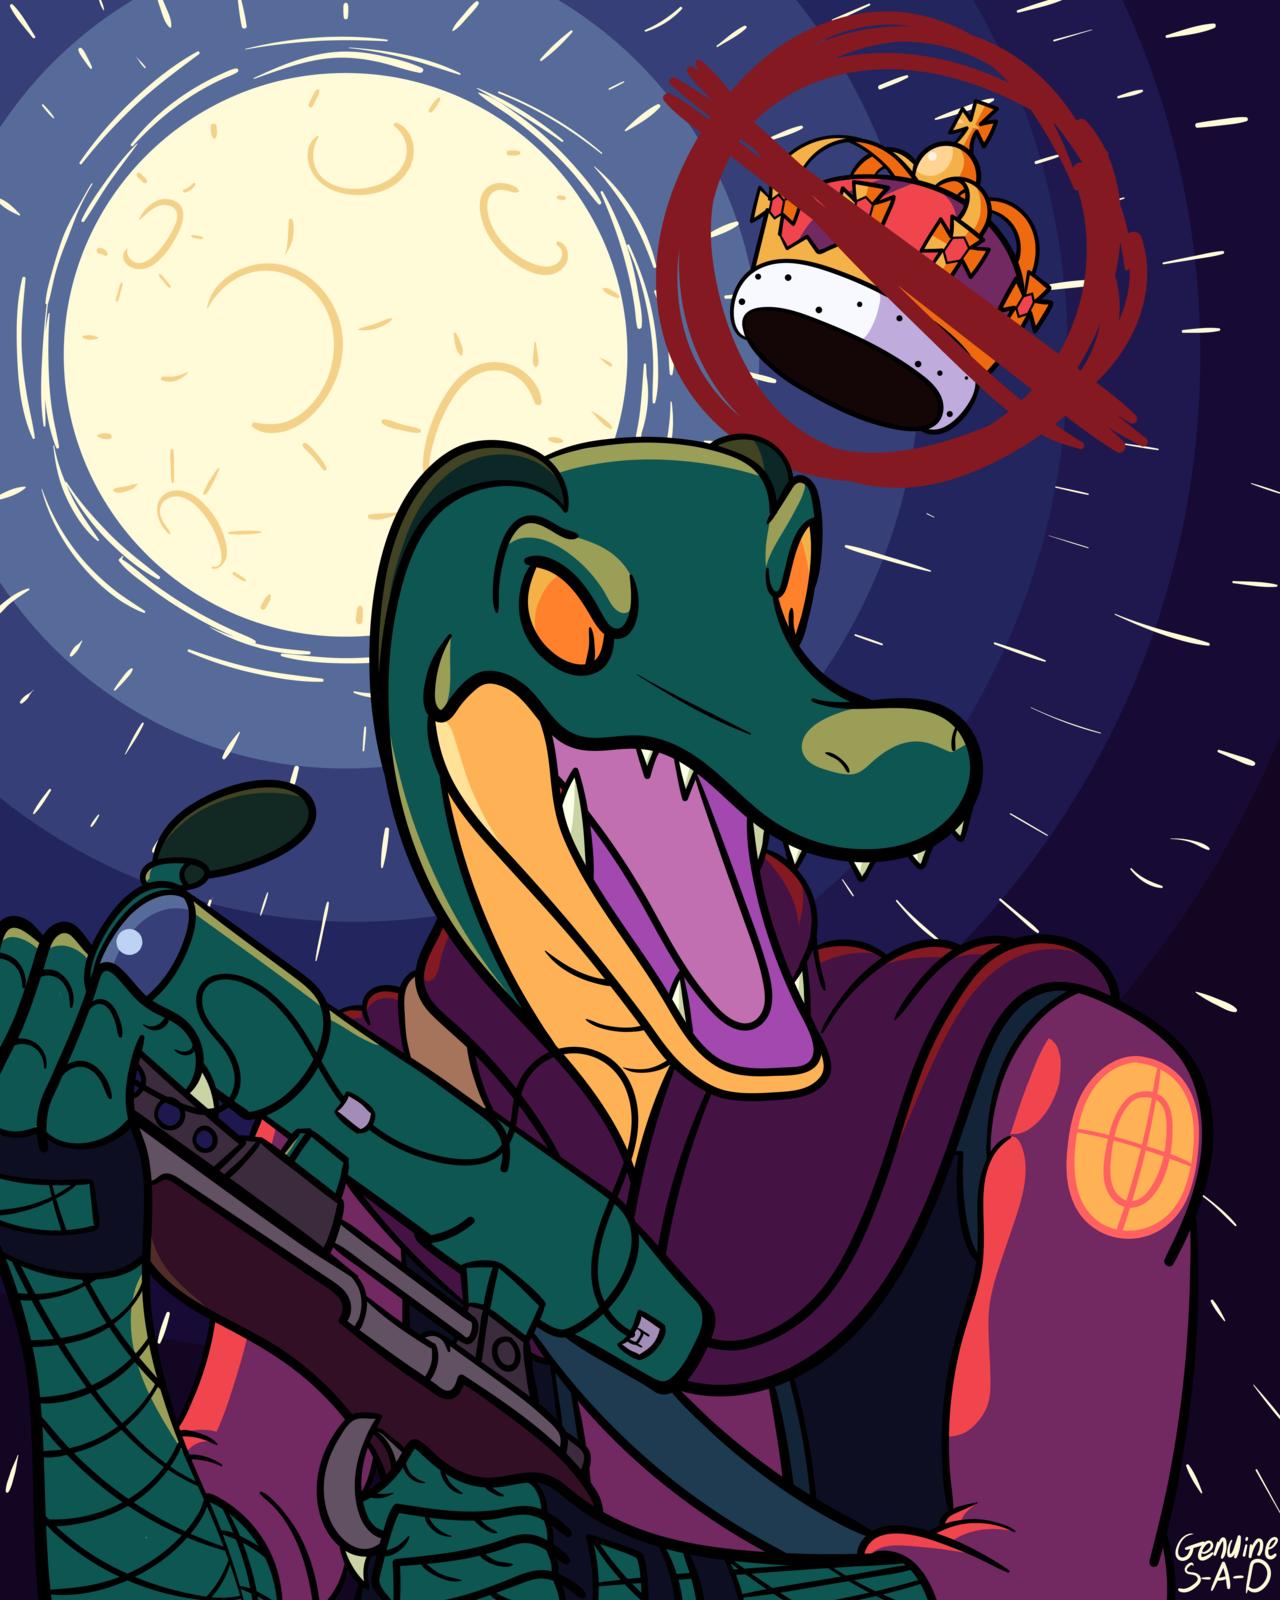 God, I'm good at bein' a crocodile